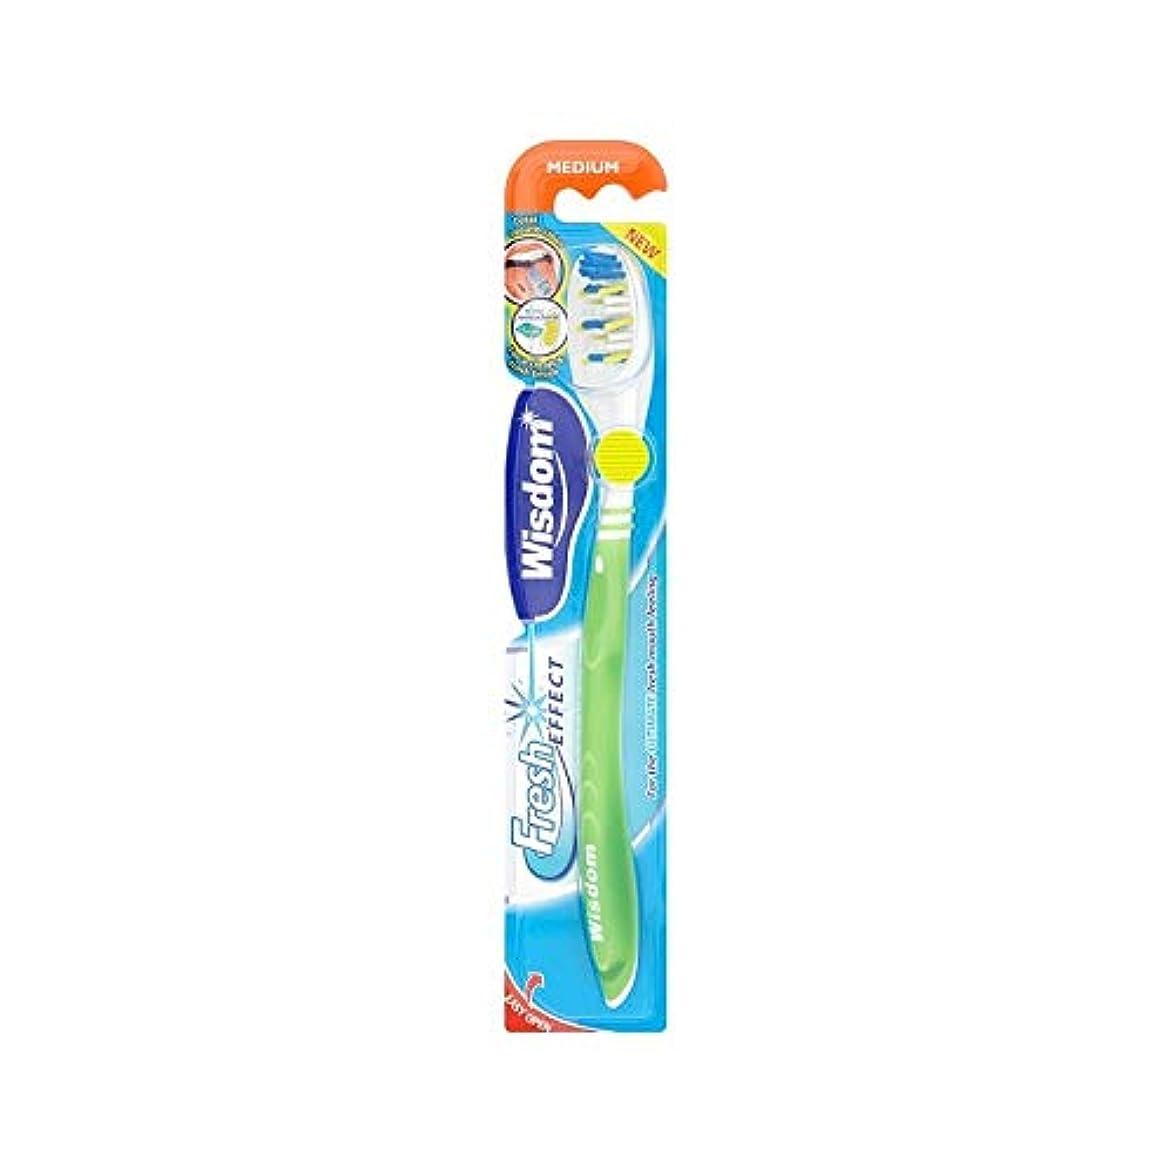 マングル有毒な衝動[Wisdom ] 10の知恵フレッシュ効果メディア歯ブラシパック - Wisdom Fresh Effect Medium Toothbrush Pack of 10 [並行輸入品]